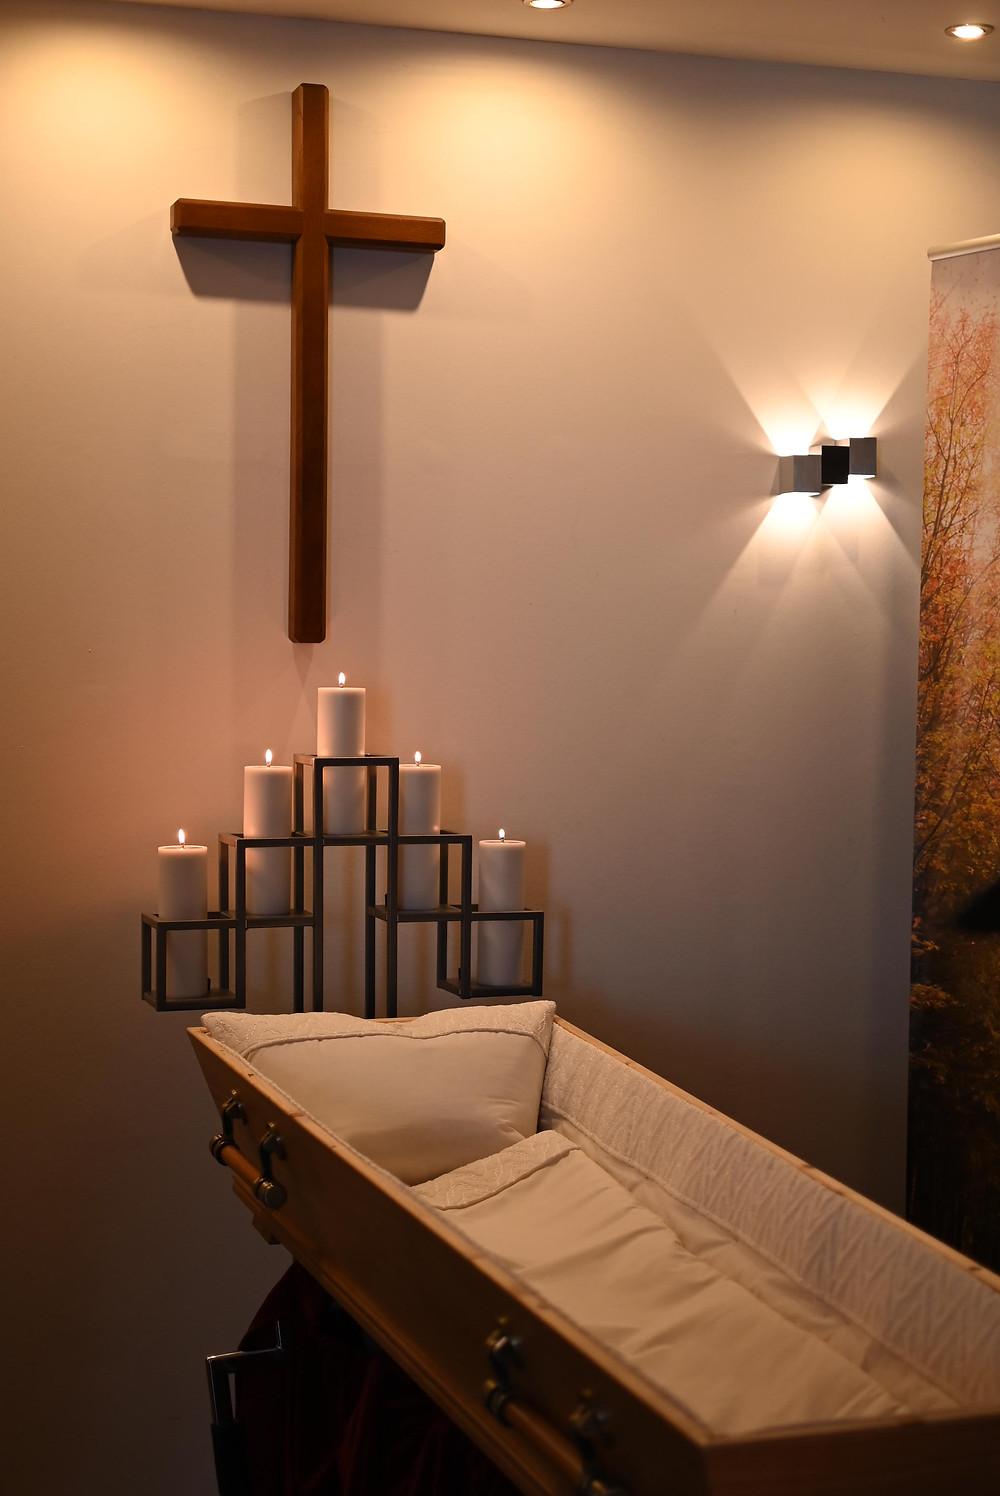 Das Abschiedszimmer. Ein hölzernes Kreuz hängt an der Wand, darunter steht ein weiß ausgepolsterter Sarg, fünf Blockkerzen stehen in einer Halterung am Kopfende. Rechts neben dem Kreuz hängt eine Wandleuchte, von der Decke strahlt ebenfalls schummriges Licht.